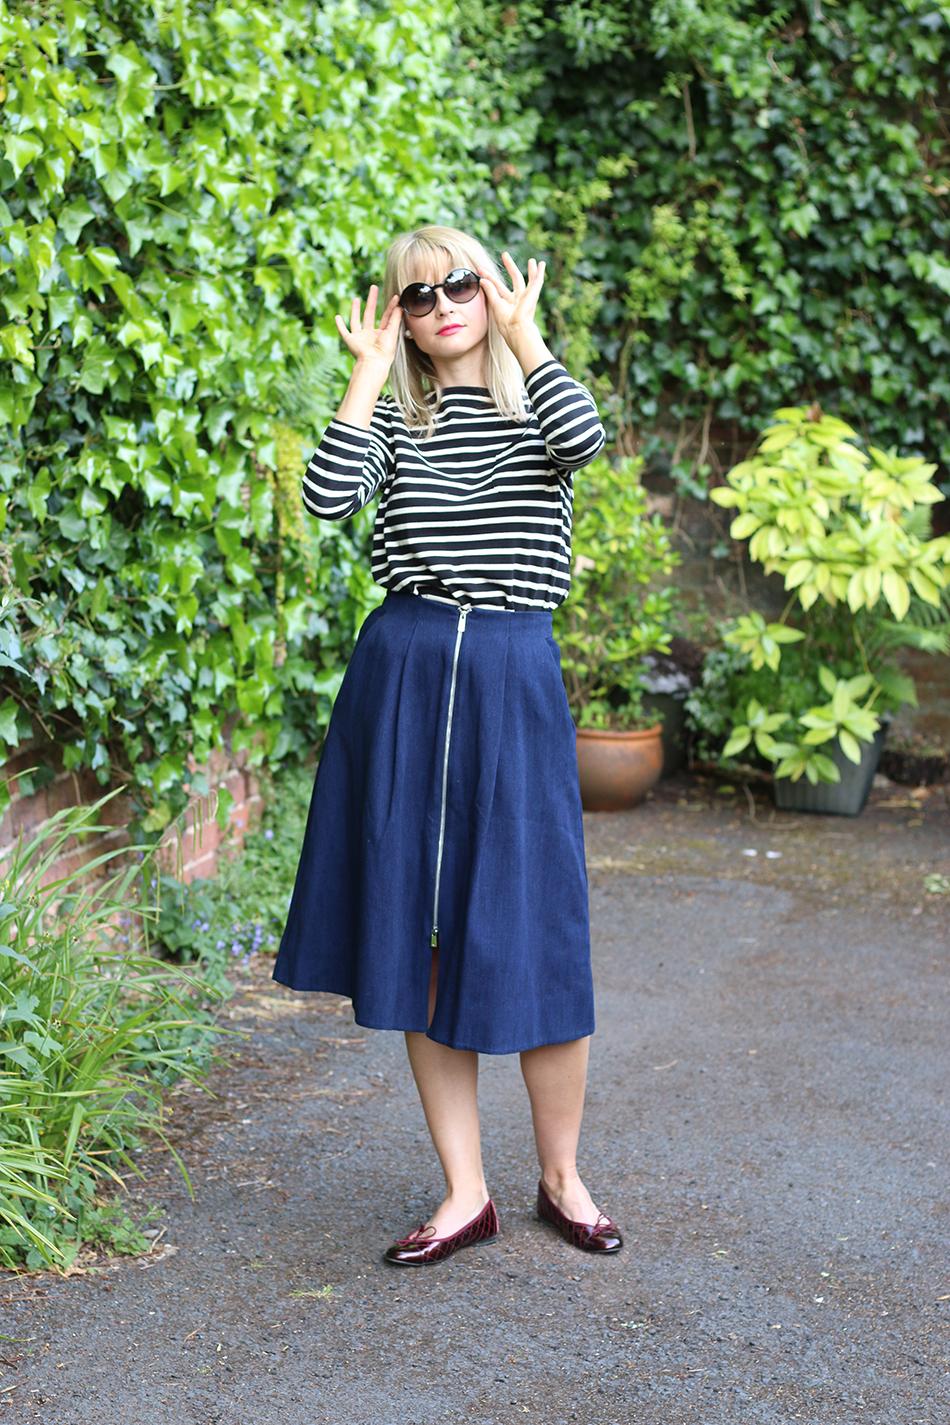 Fringe and Doll Denim skirt look IMG_6350